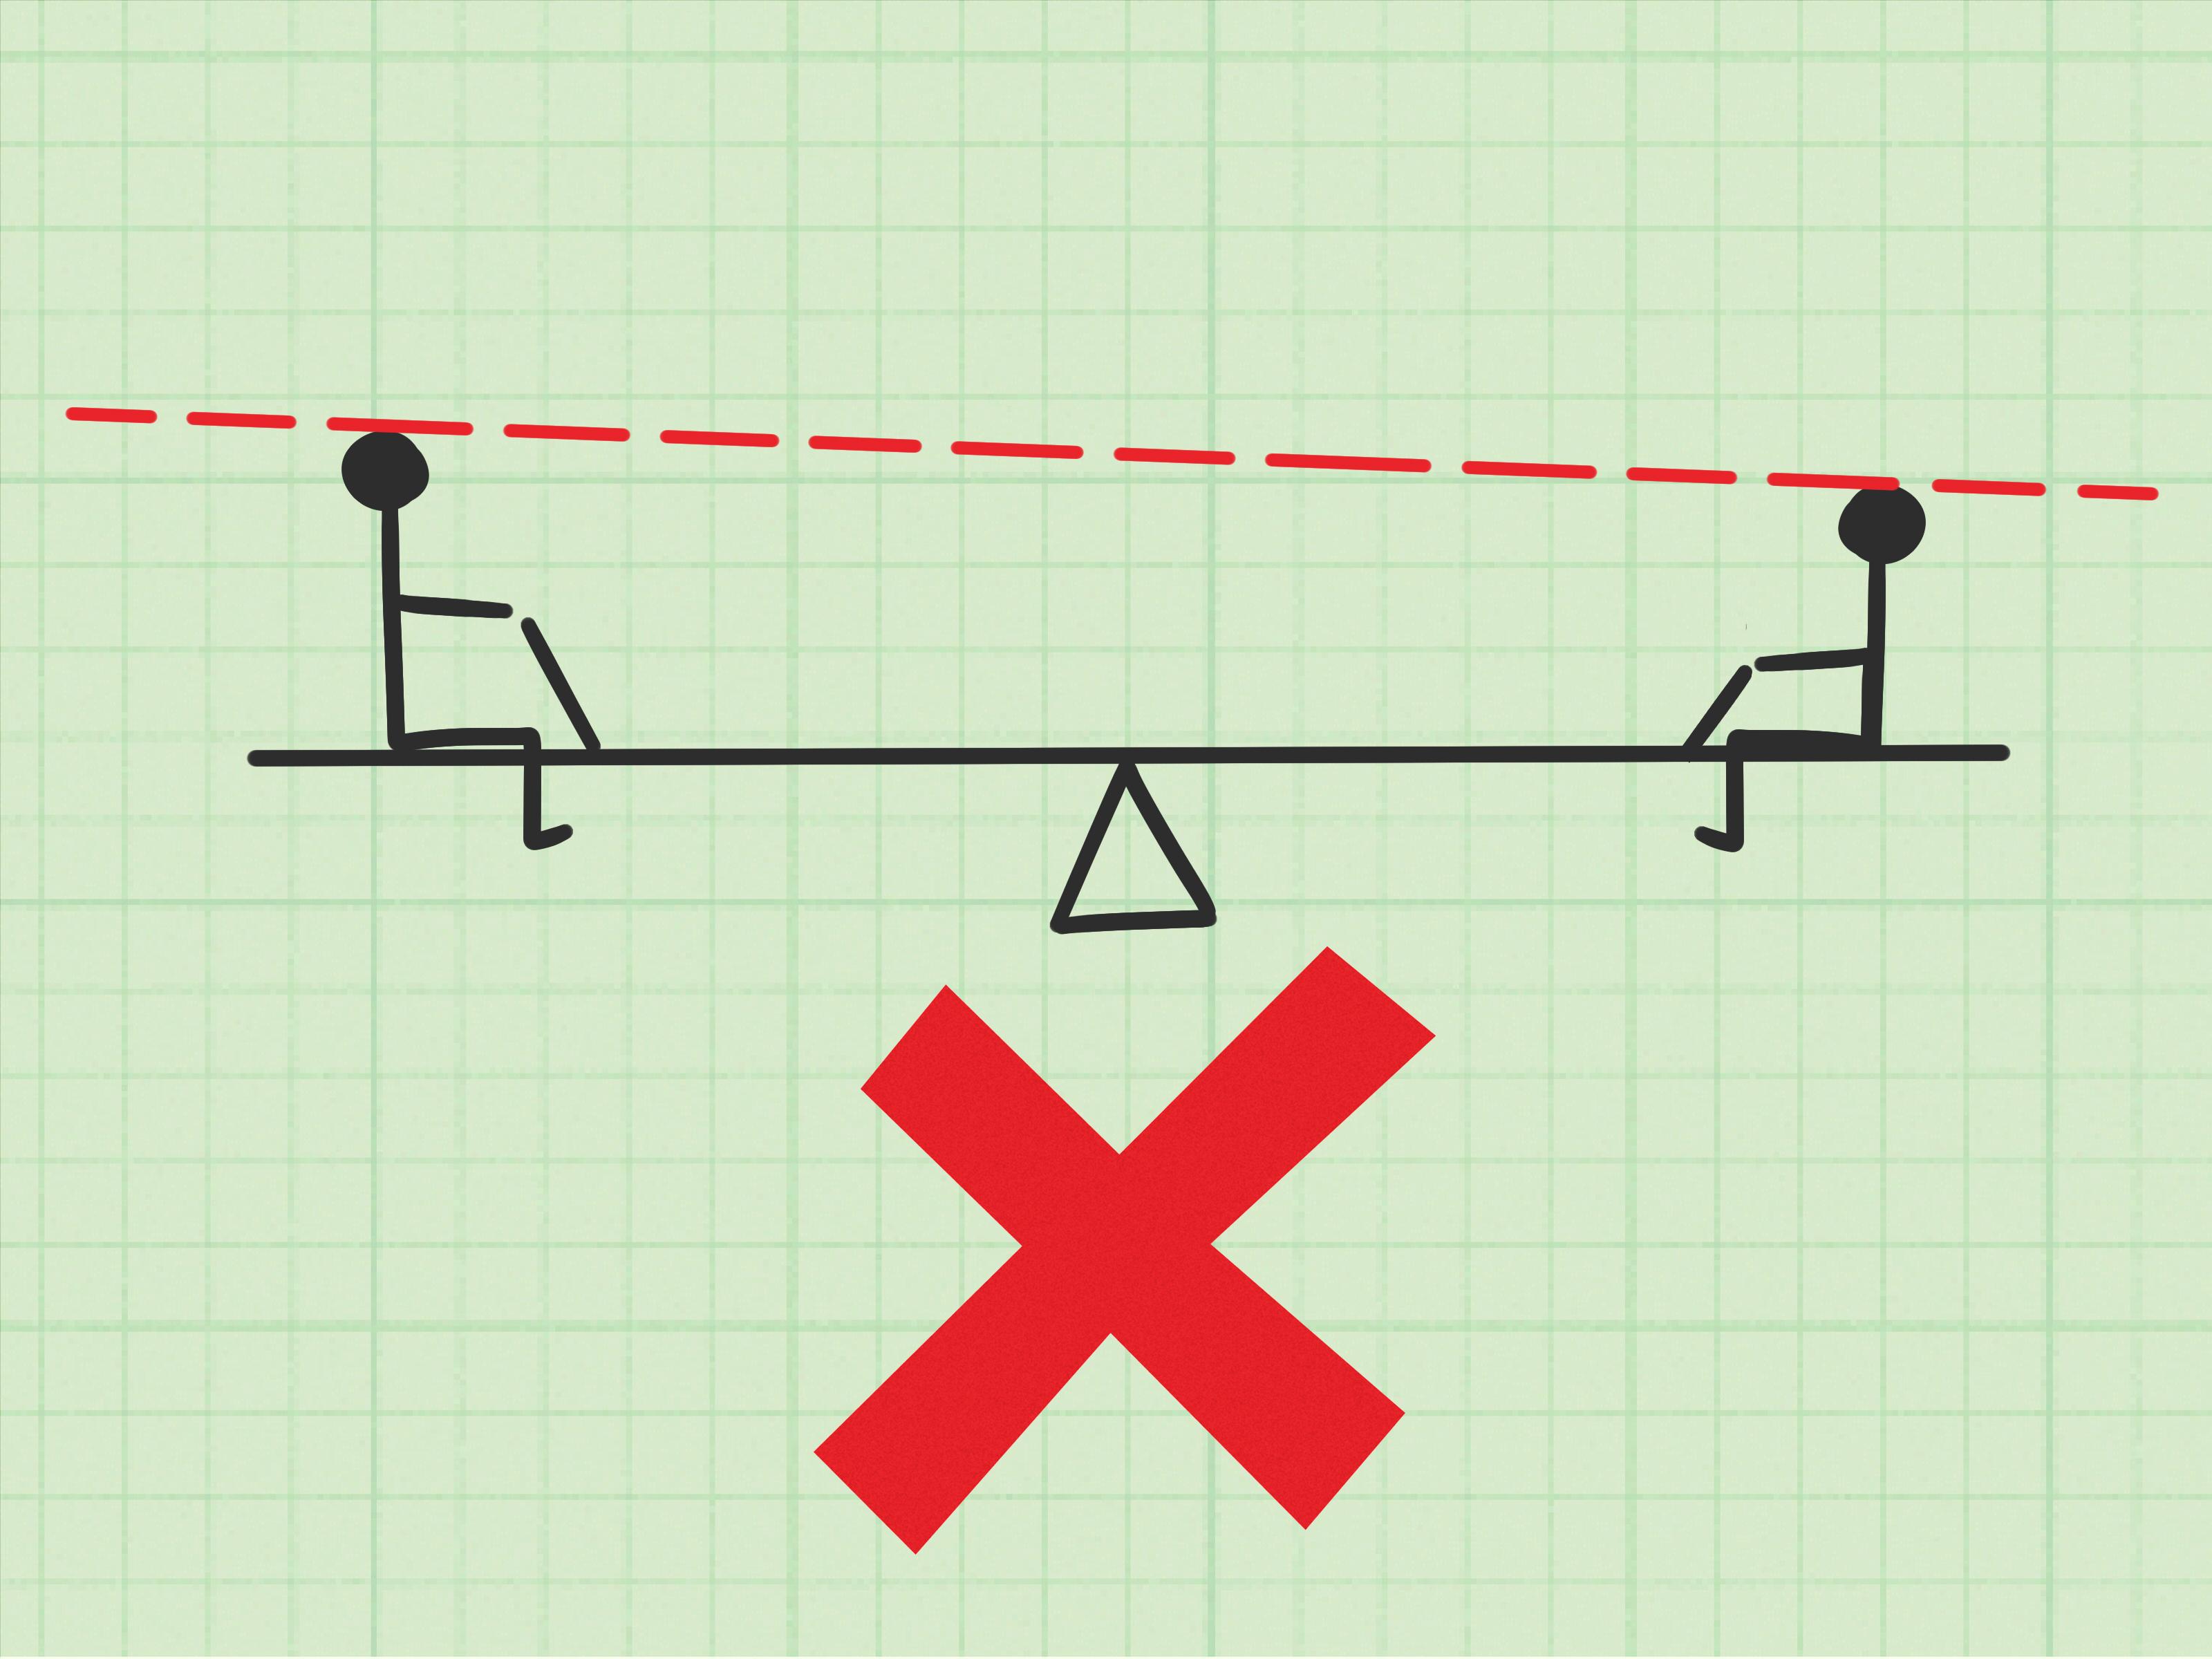 Come Calcolare Il Baricentro 13 Passaggi Illustrato